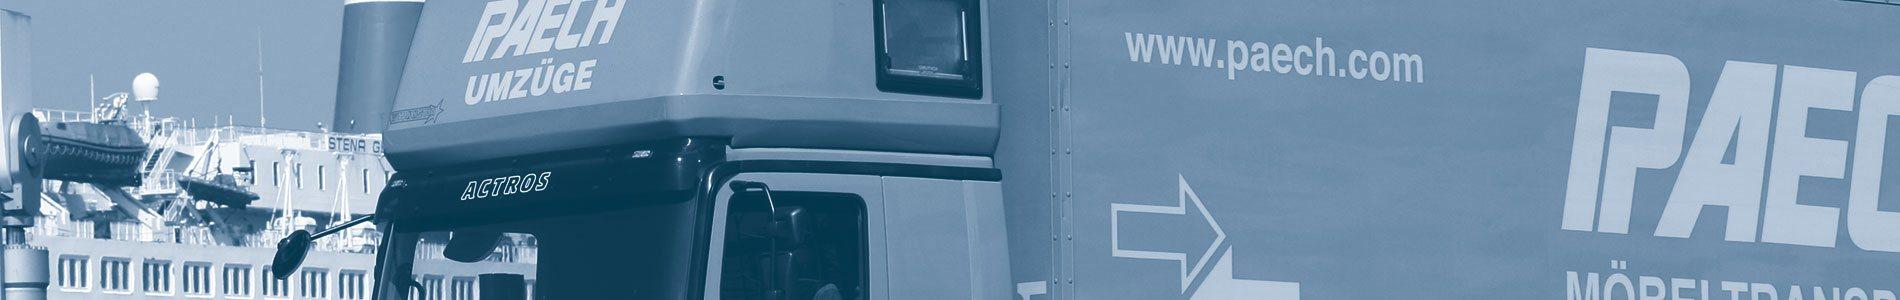 Ute Paech GmbH & Co. KG - Umzug nach Dänemark - Kopenhagen, Esbjerg, Odense ... und mehr!